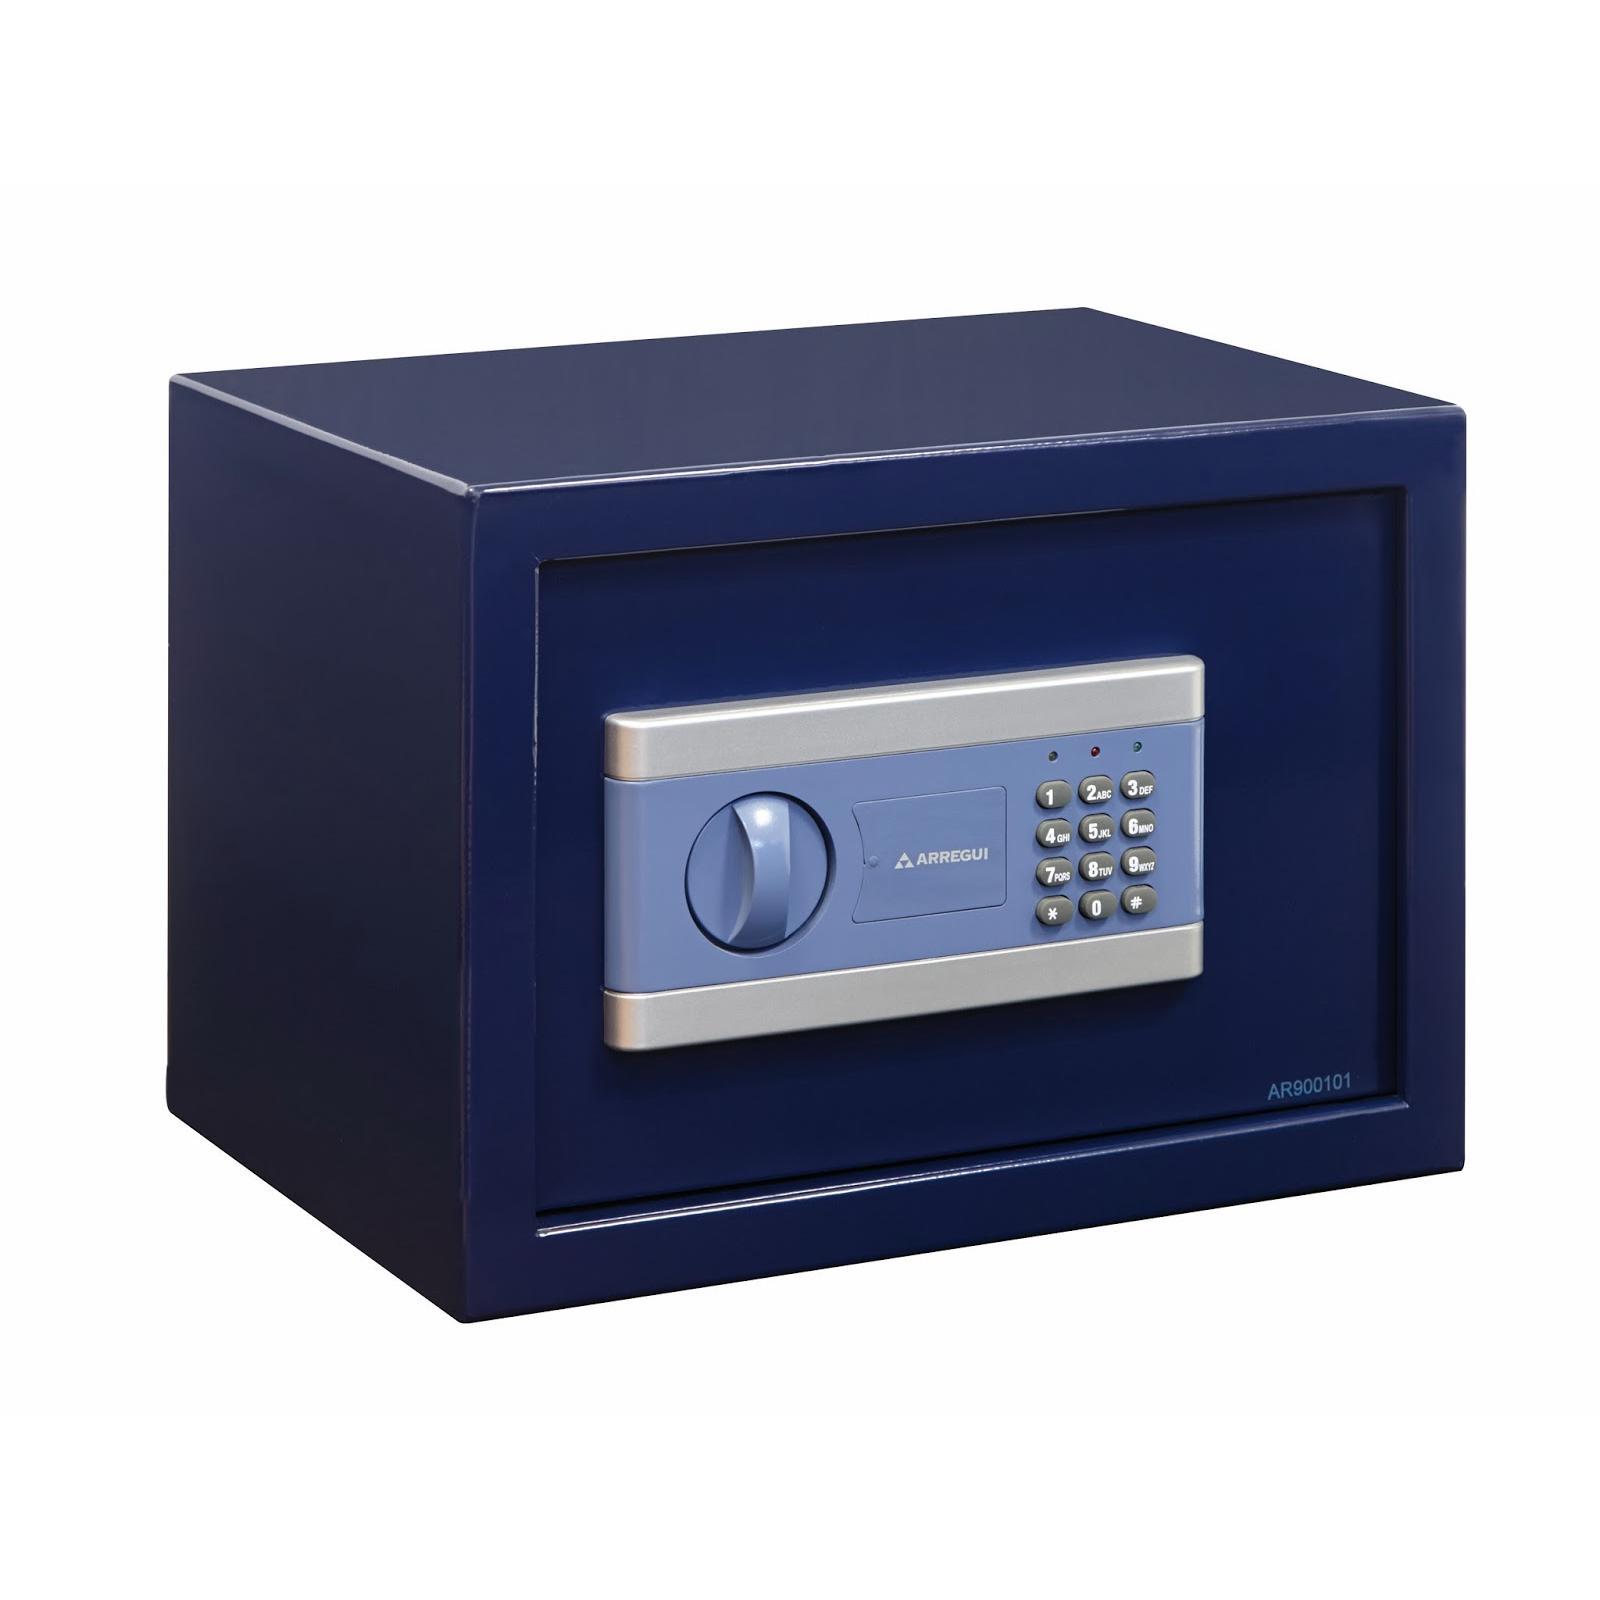 Comprar caja fuerte de seguridad compara precios en - Precio caja fuerte ...